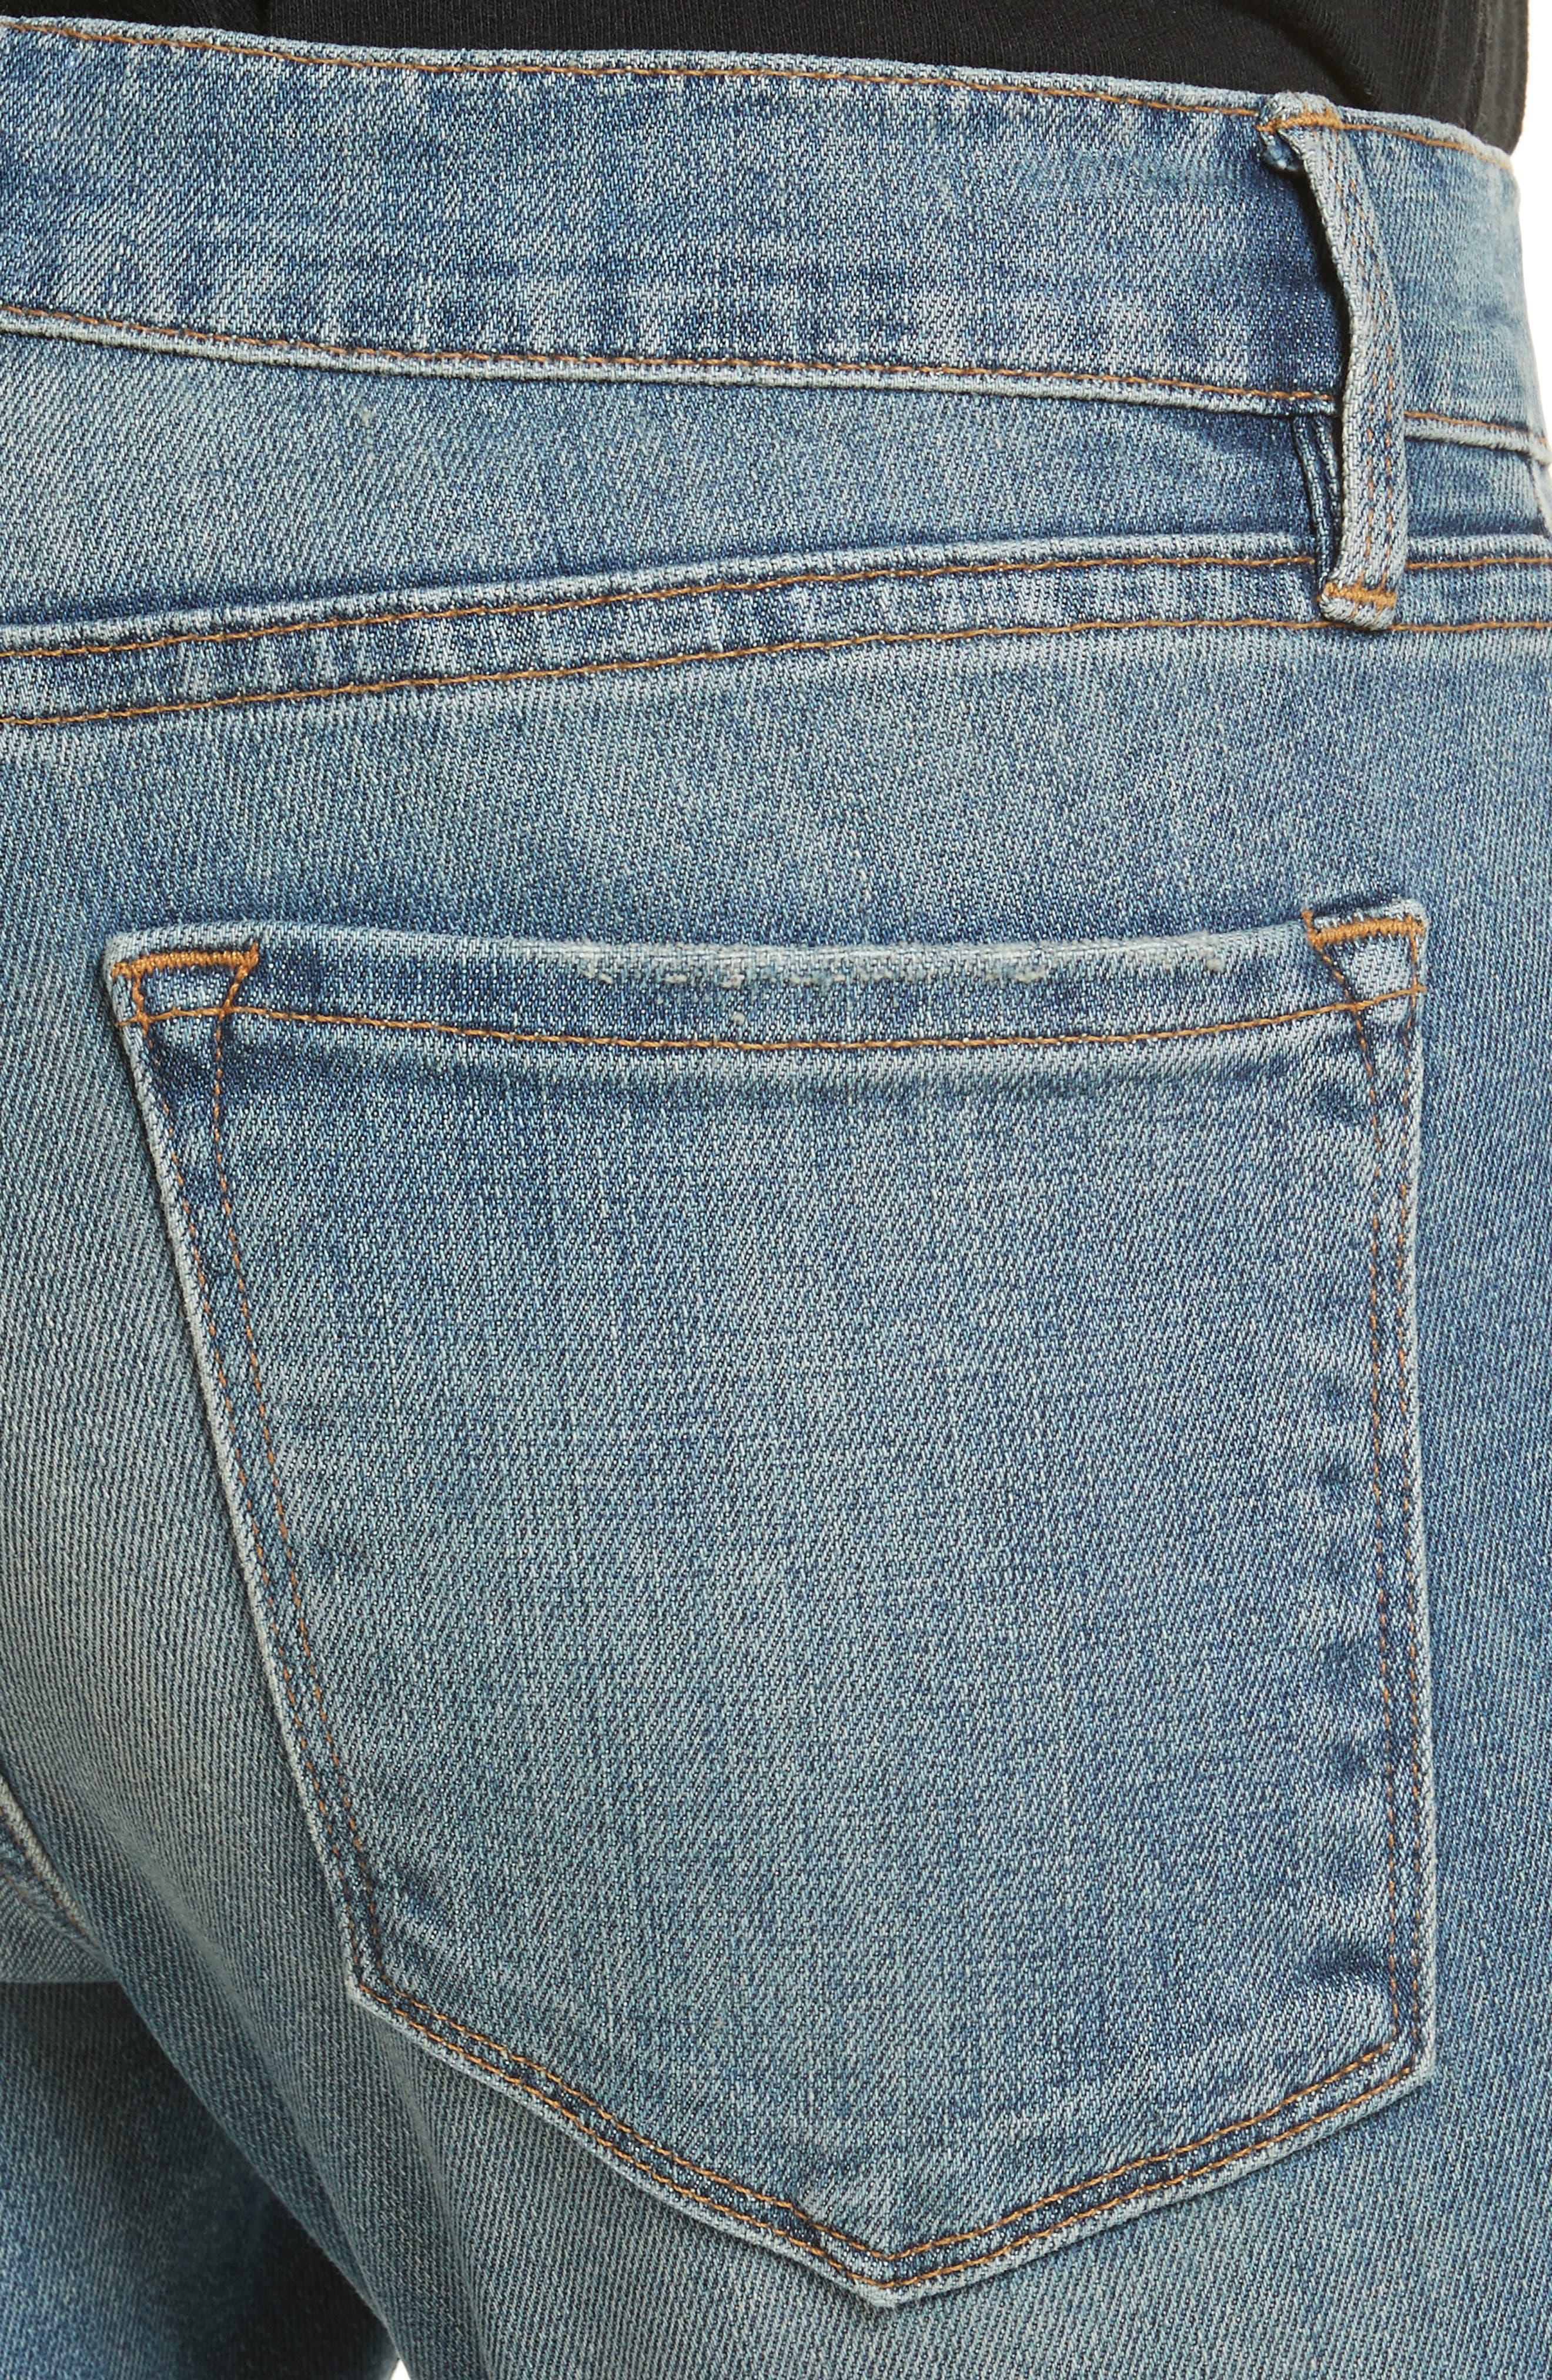 Le Garçon Crop Boyfriend Jeans,                             Alternate thumbnail 4, color,                             Kaufman